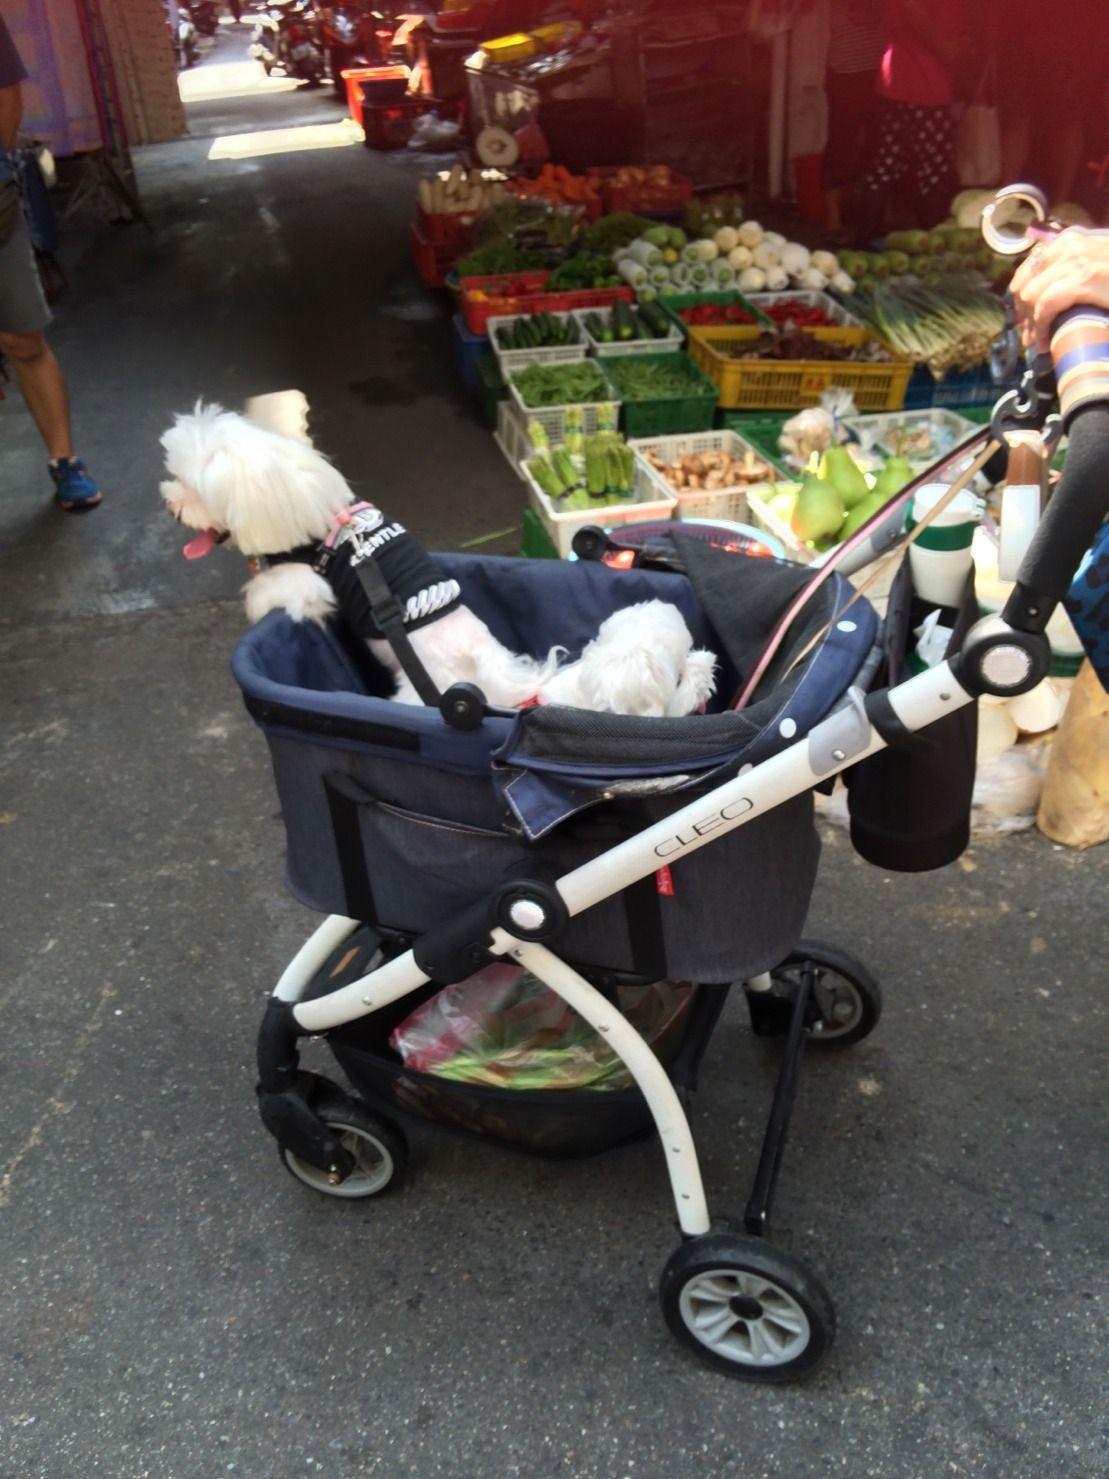 Not just a pet stroller but also a shopping cart...